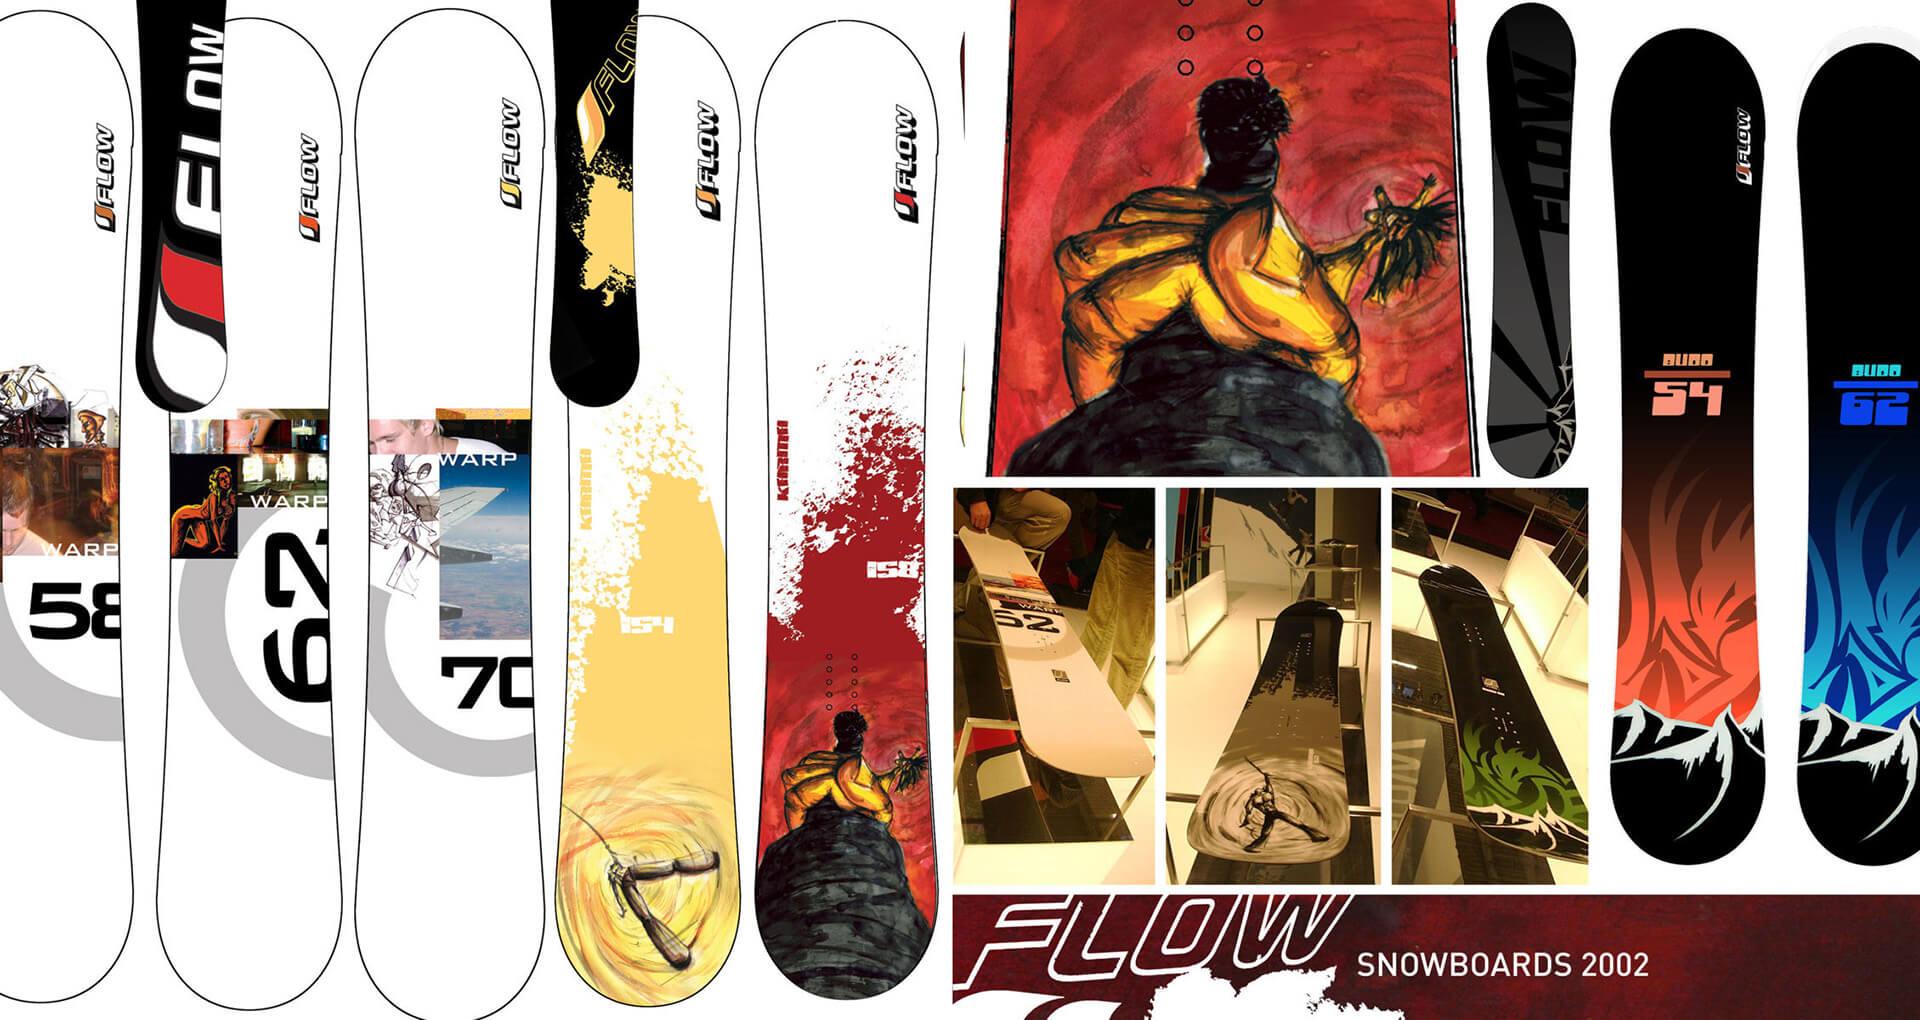 produkt design münchen bali taschen accessories snowboards surfbaords hats gloves bags shoes sandals 1